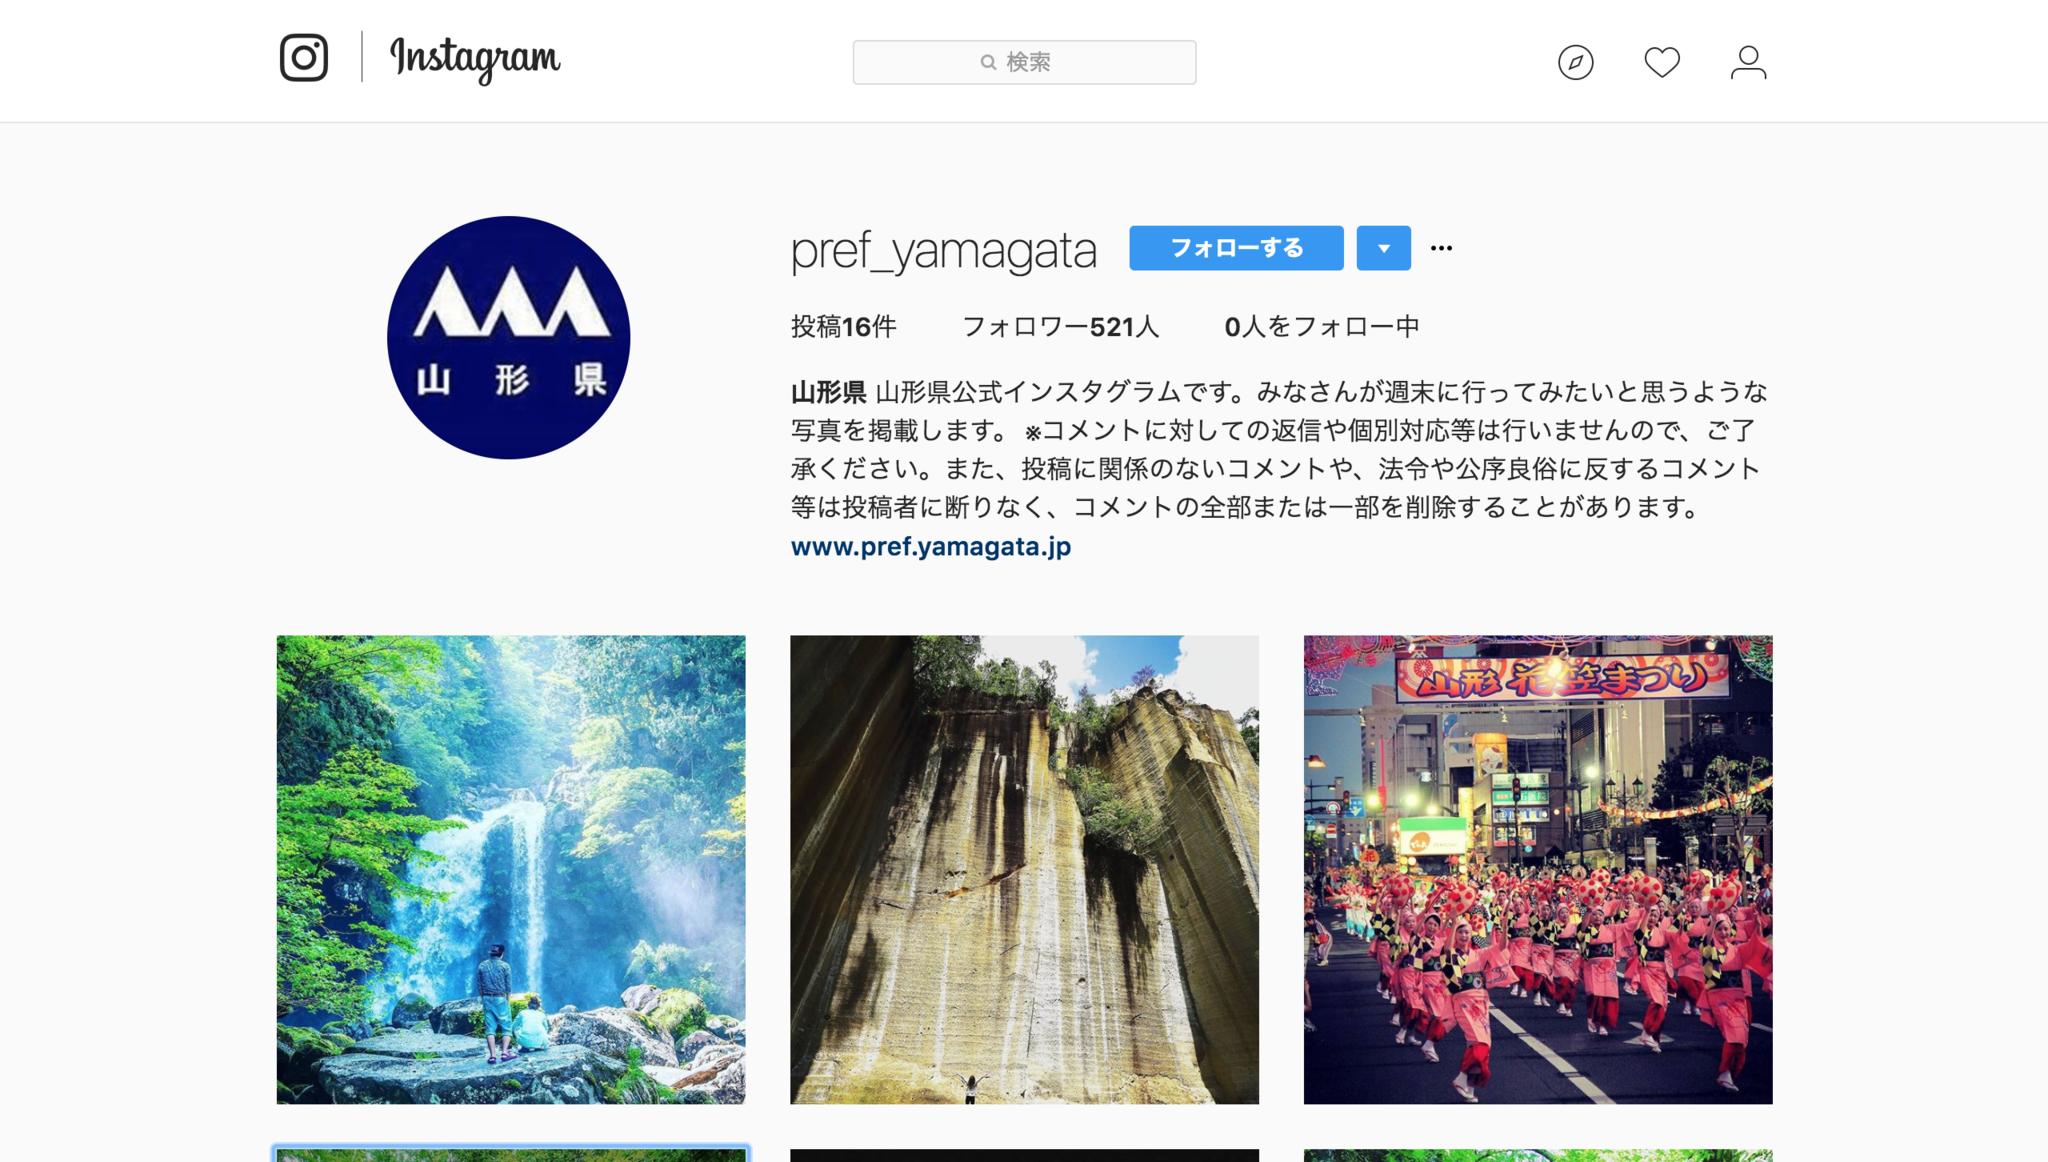 山形県さん__pref_yamagata__•_Instagram写真と動画.png